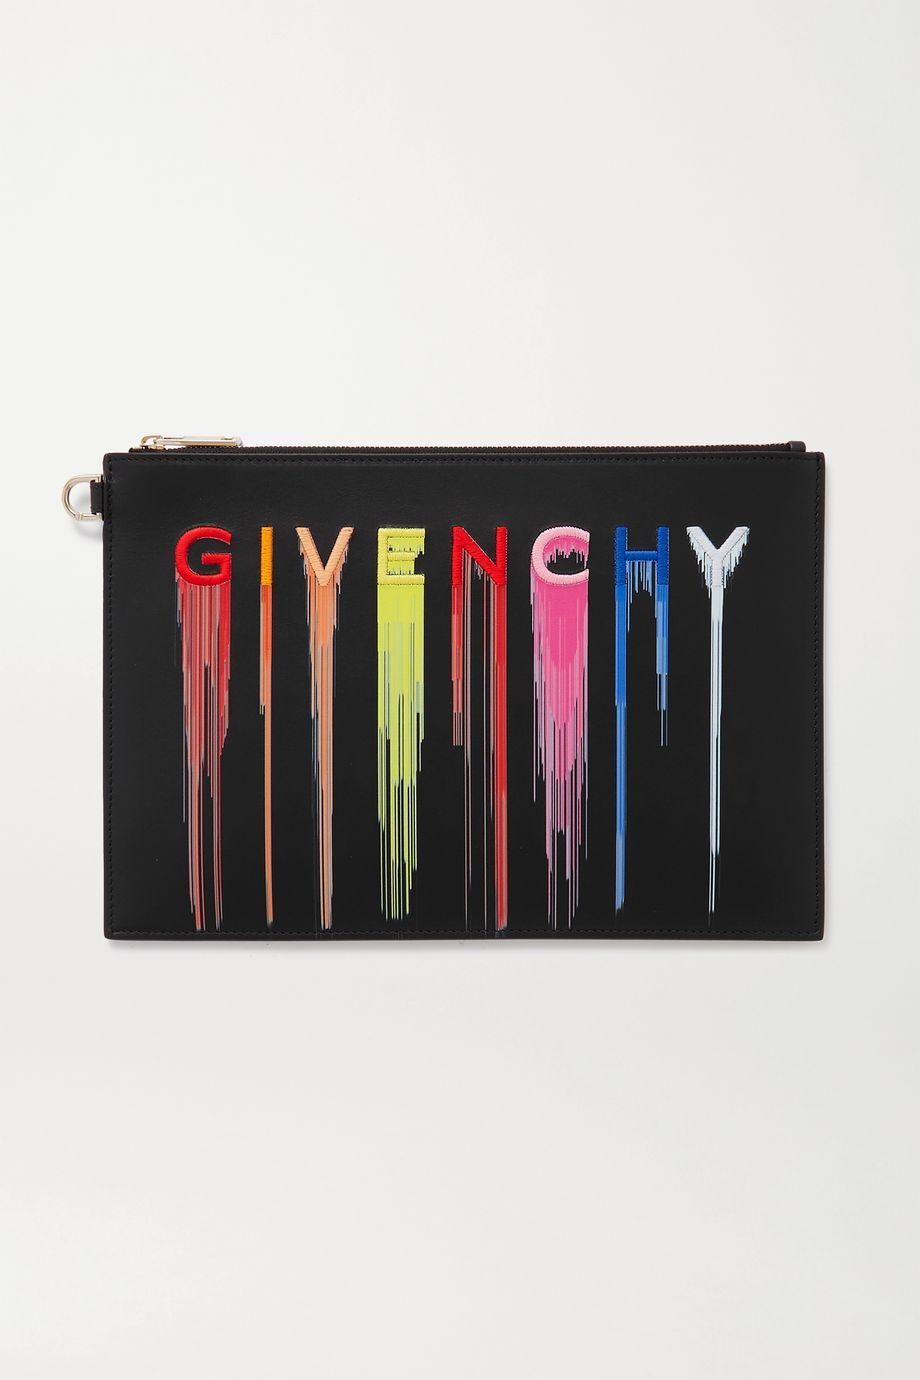 Givenchy Pochette en cuir imprimé à broderies